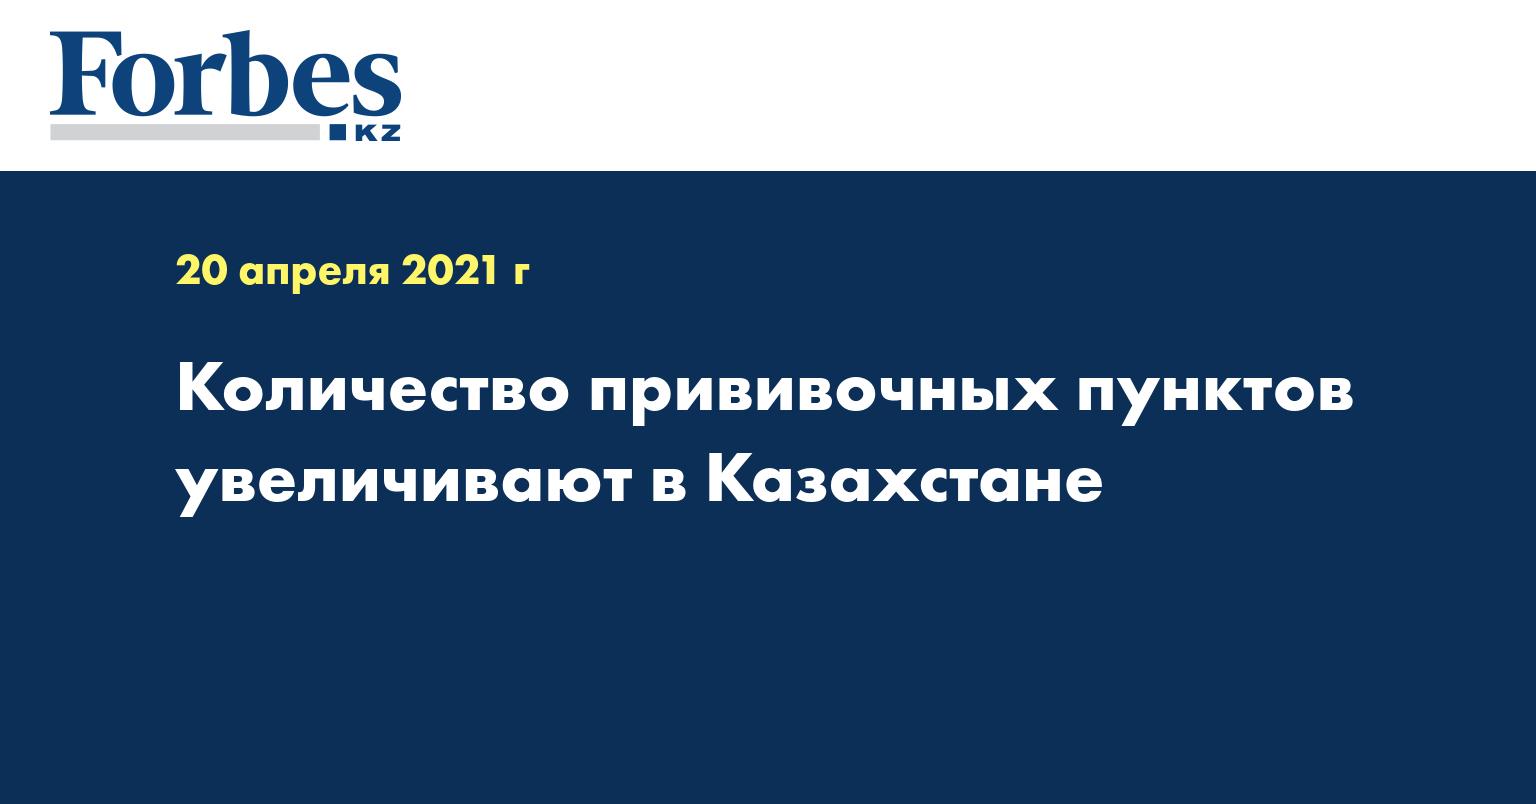 Количество прививочных пунктов увеличивают в Казахстане